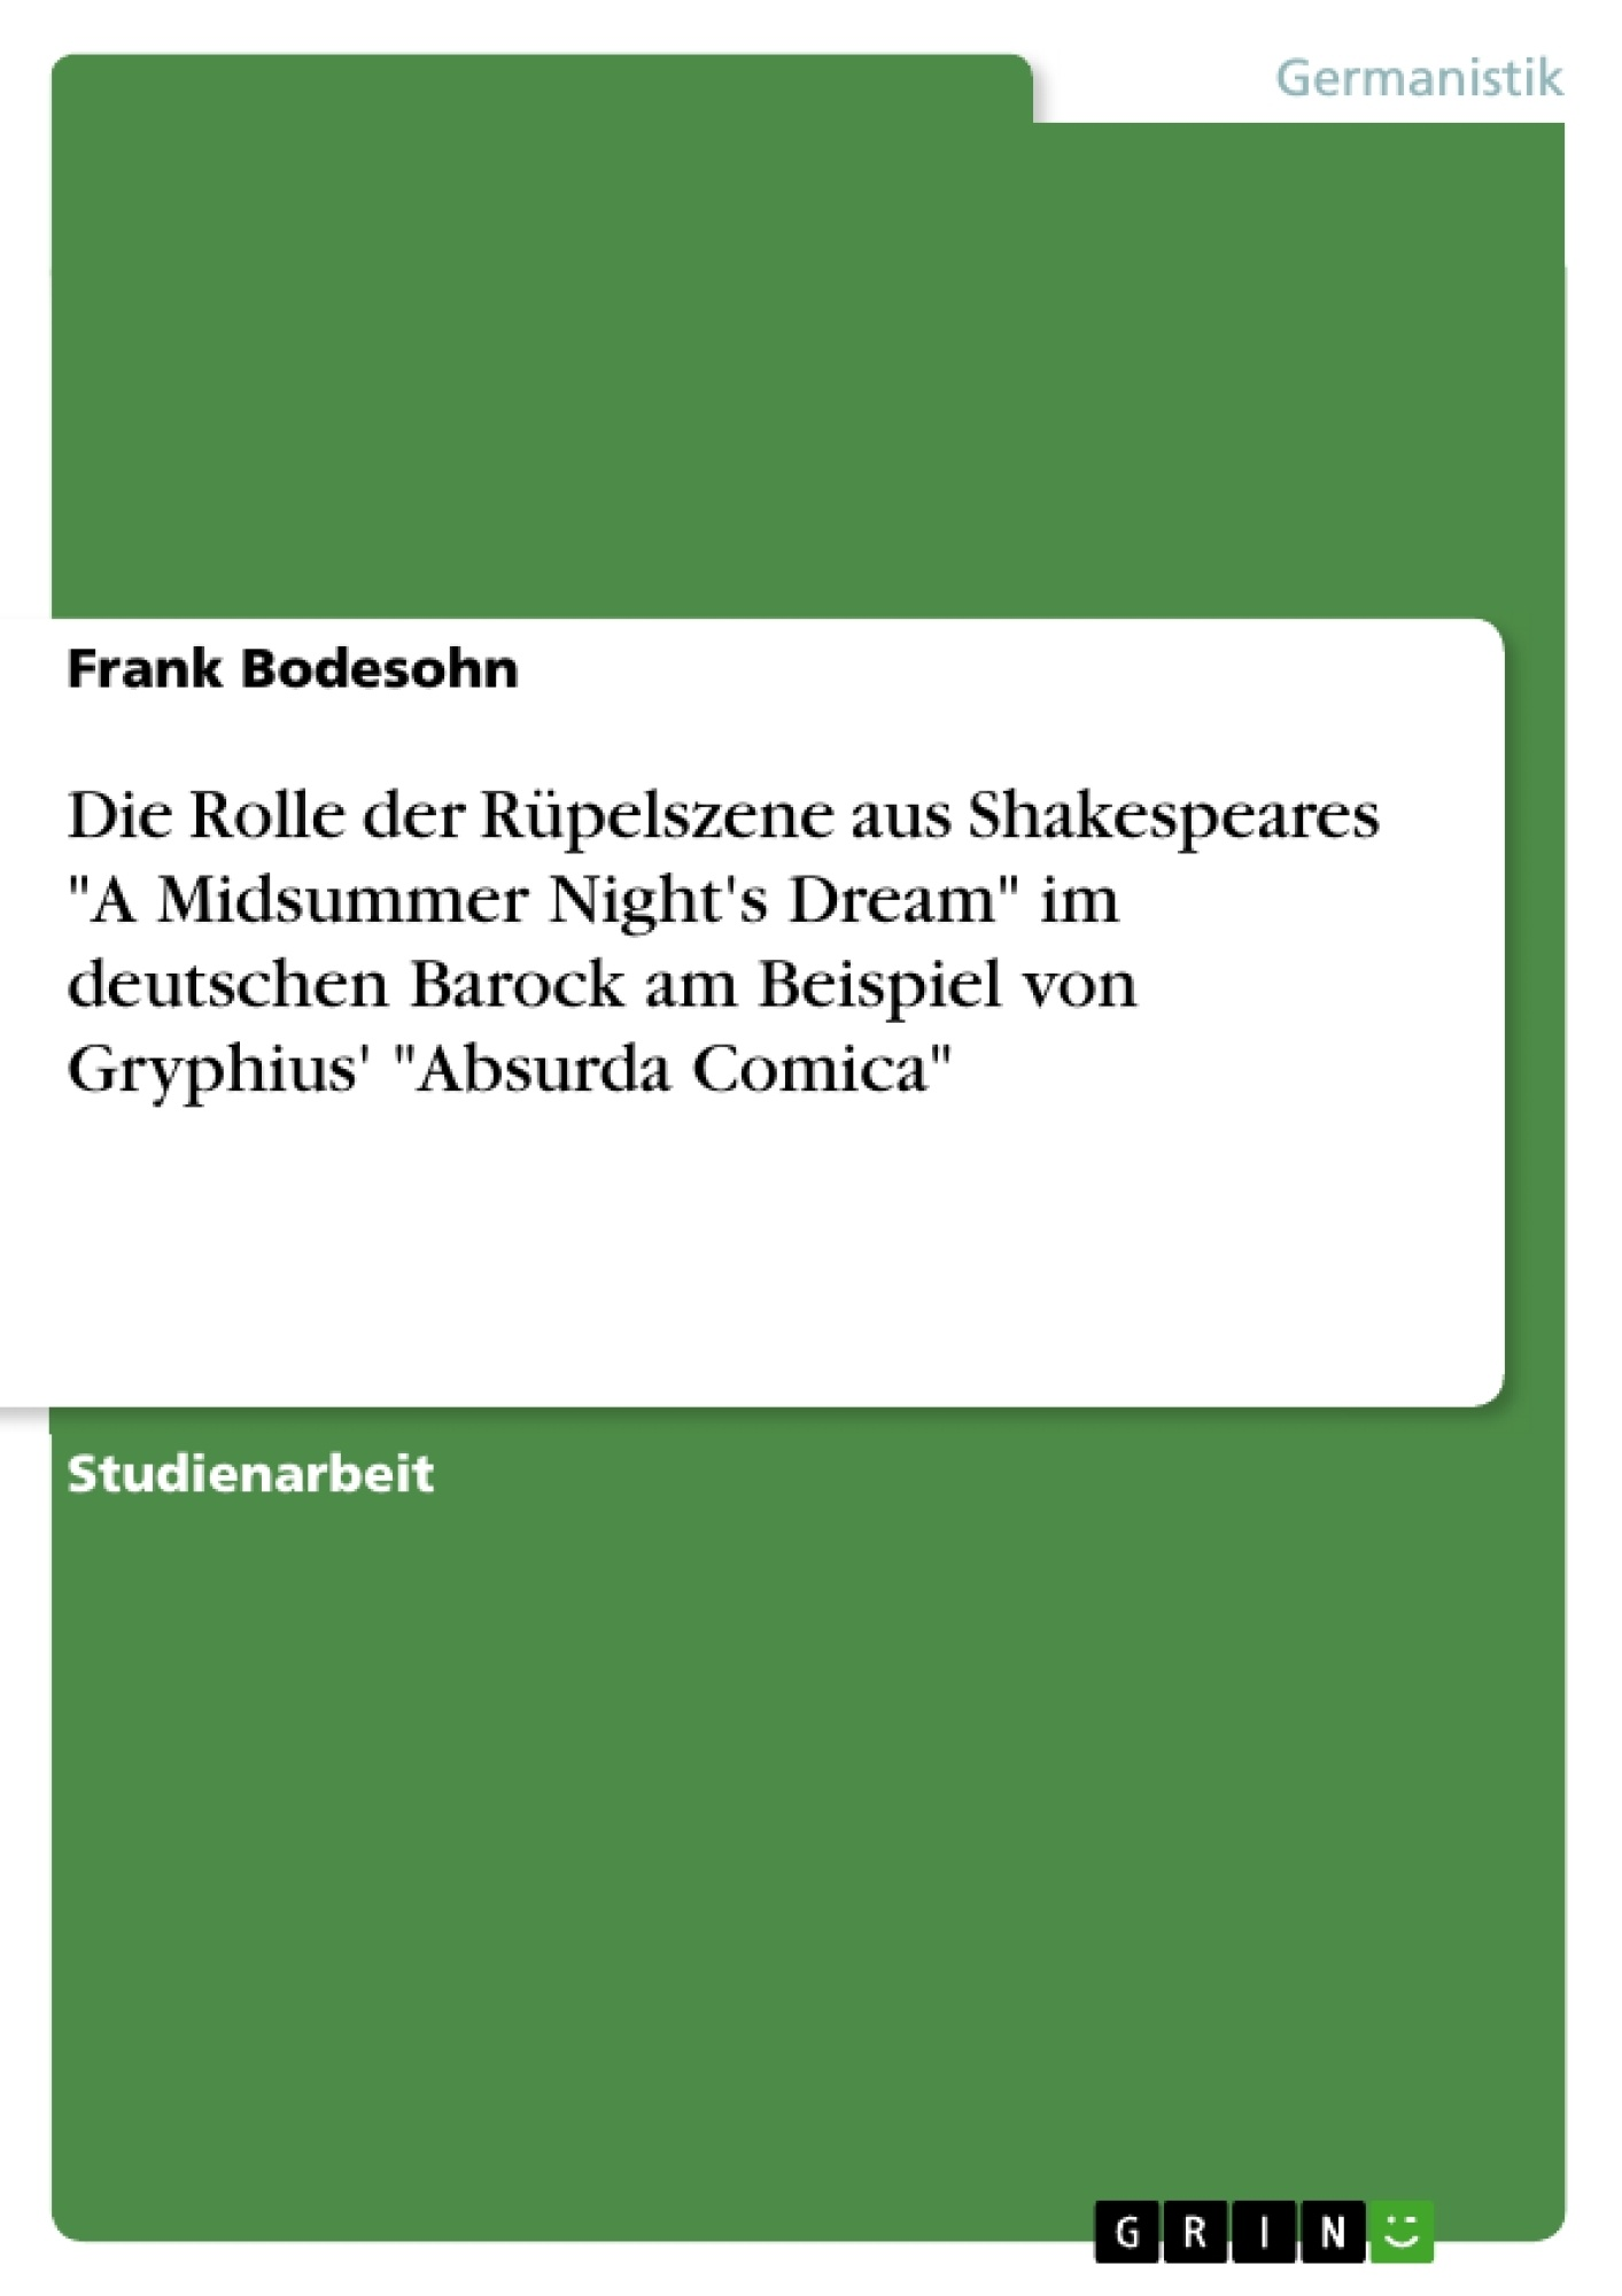 """Titel: Die Rolle der Rüpelszene aus Shakespeares """"A Midsummer Night's Dream"""" im deutschen Barock am Beispiel von Gryphius' """"Absurda Comica"""""""